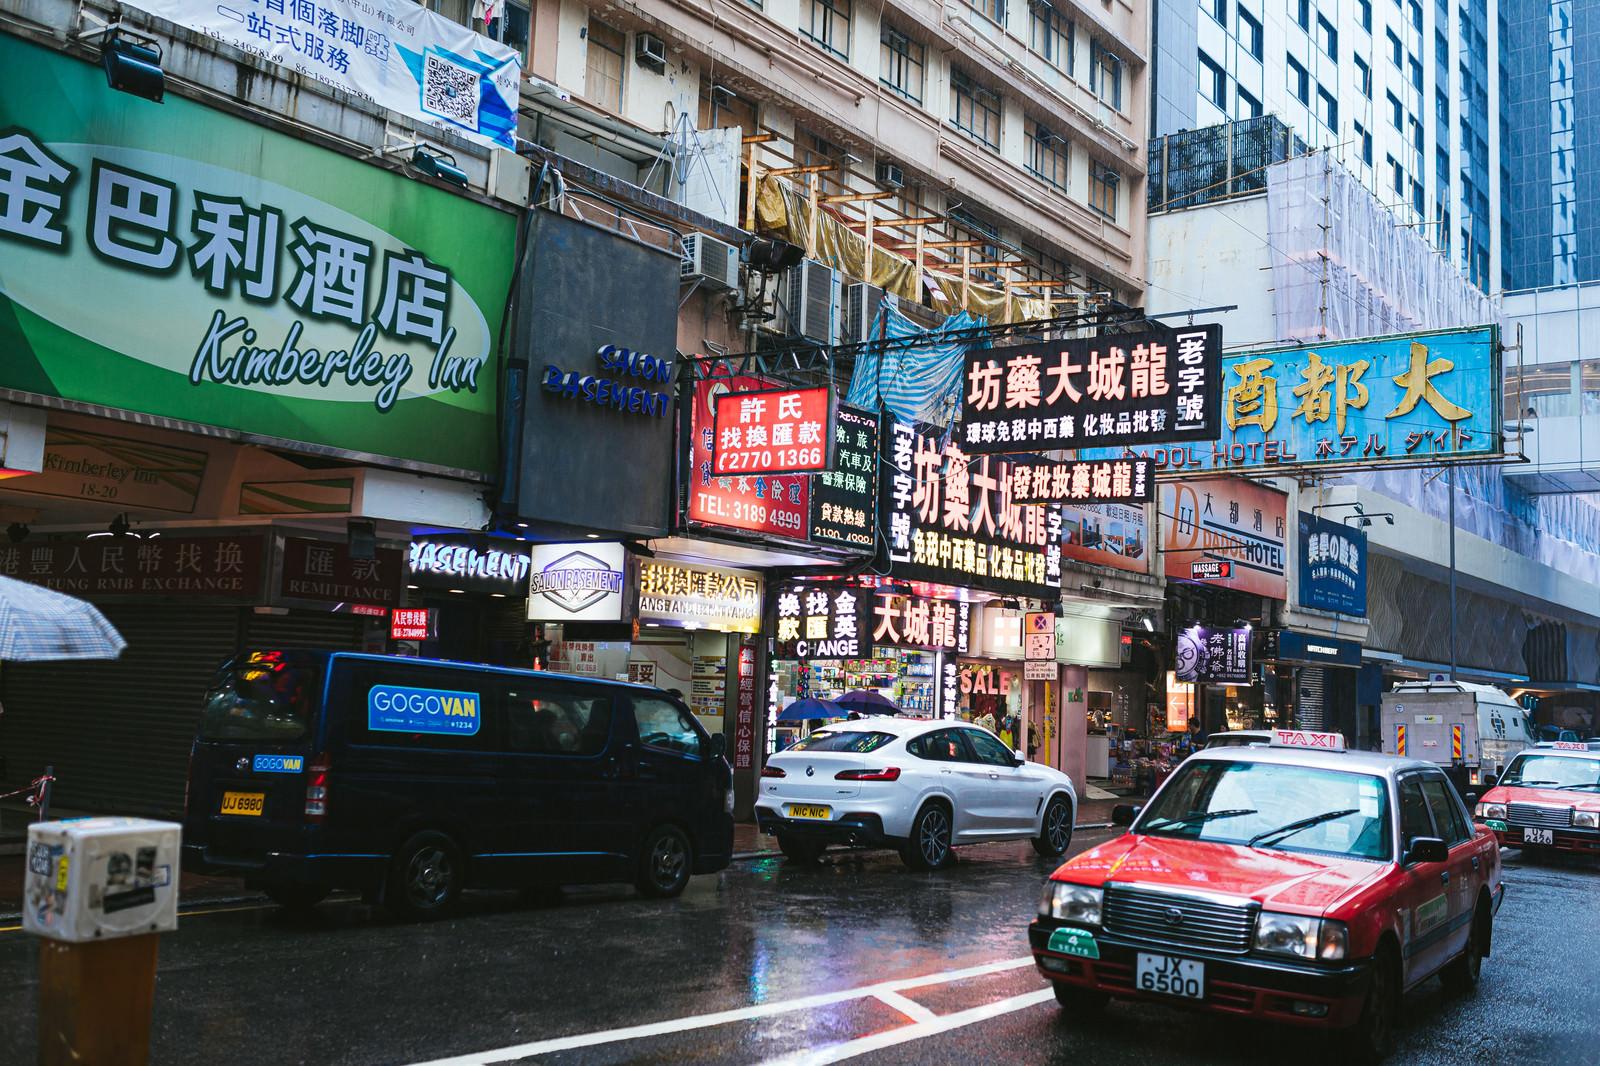 「香港らしい看板と建物」の写真